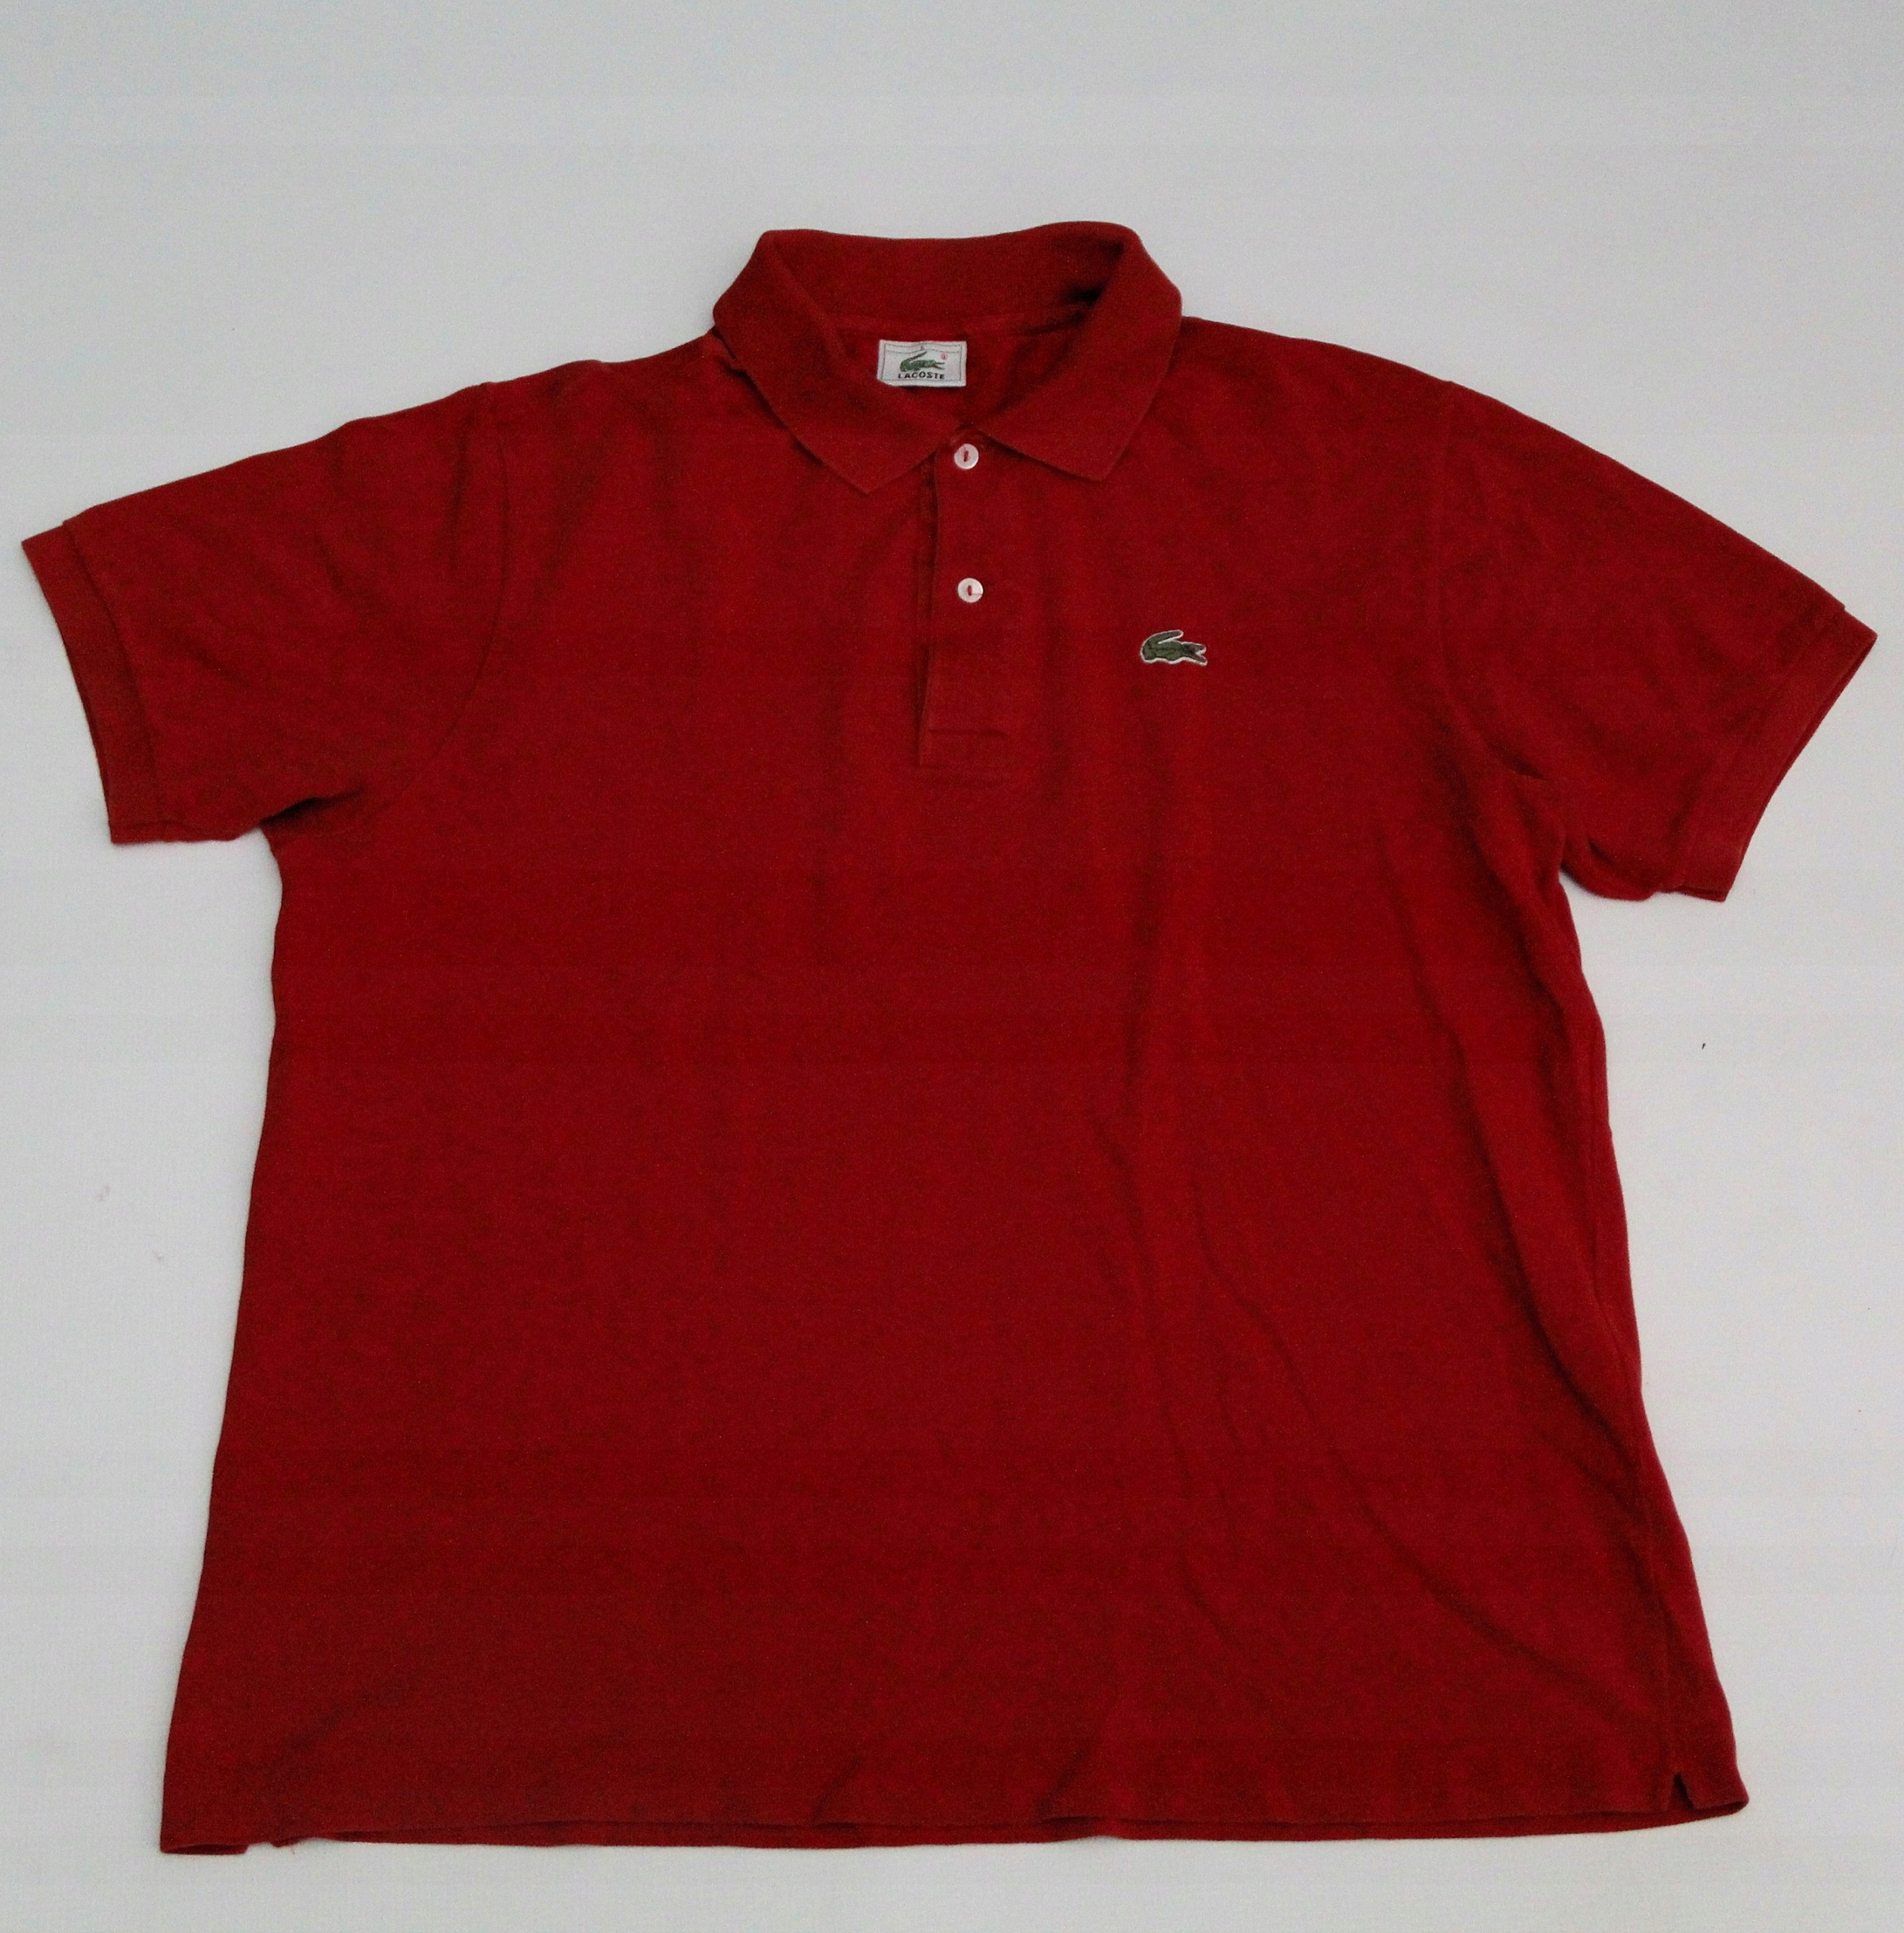 27c6a56f6 Męska Koszulka Polo LACOSTE rozm. 6 - 7596734786 - oficjalne ...